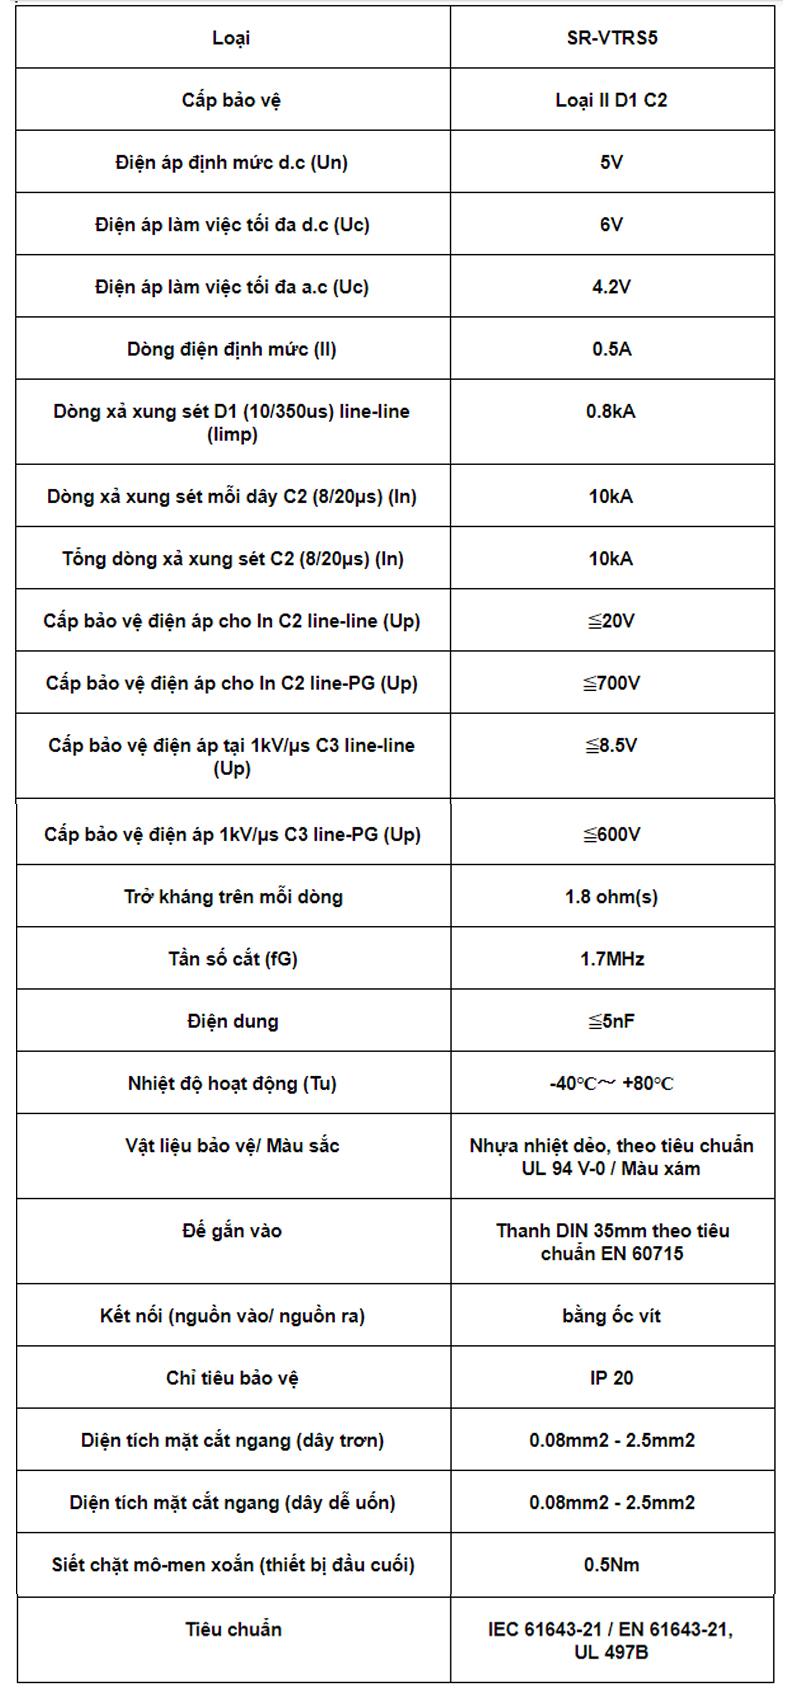 Thông số kỹ thuật của thiết bị chống sét cho đường tín hiệuOTOWA SR-VTRS5: